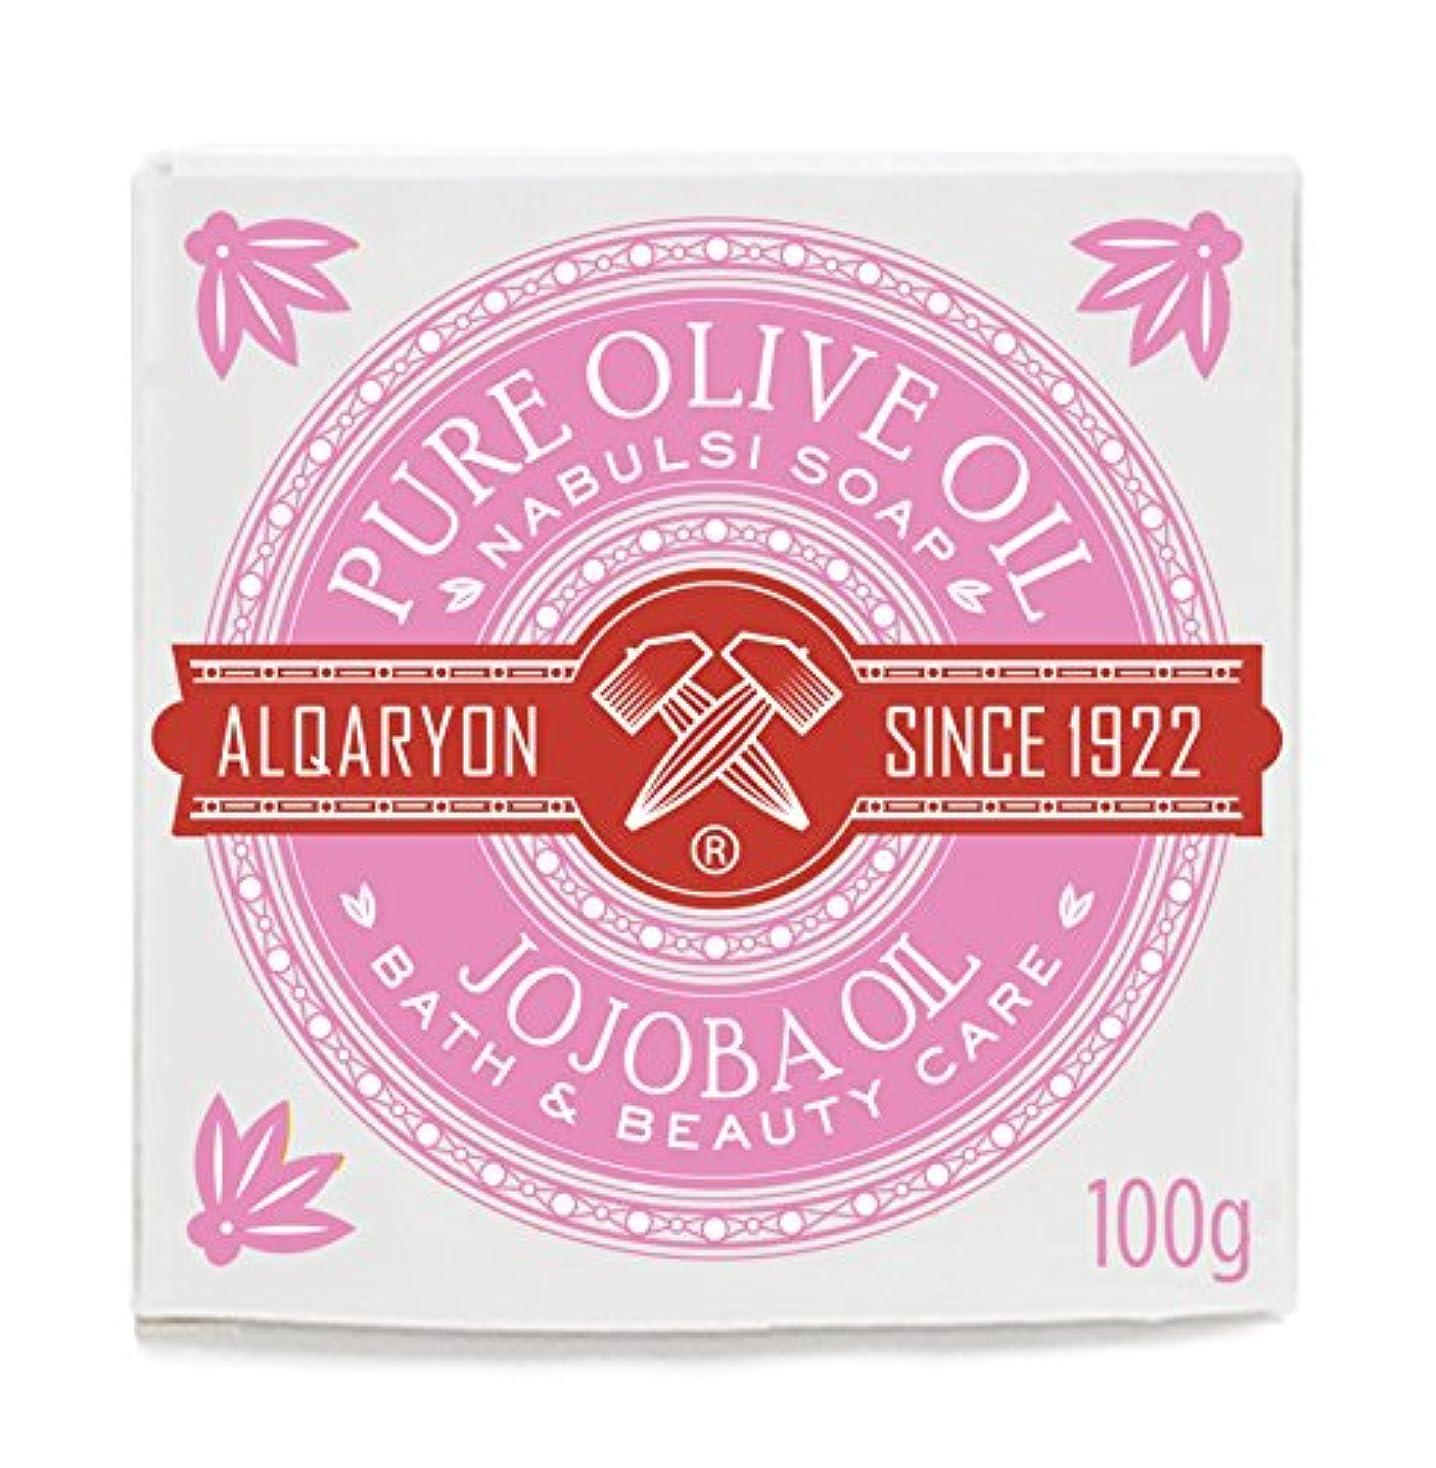 聡明無視できる共同選択Alqaryon Jojoba Oil & Olive Oil Bar Soaps, Pack of 4 Bars 100g - Alqaryonのホホバ オイルとオリーブオイル ソープ、バス & ビューティー ケア、100g...